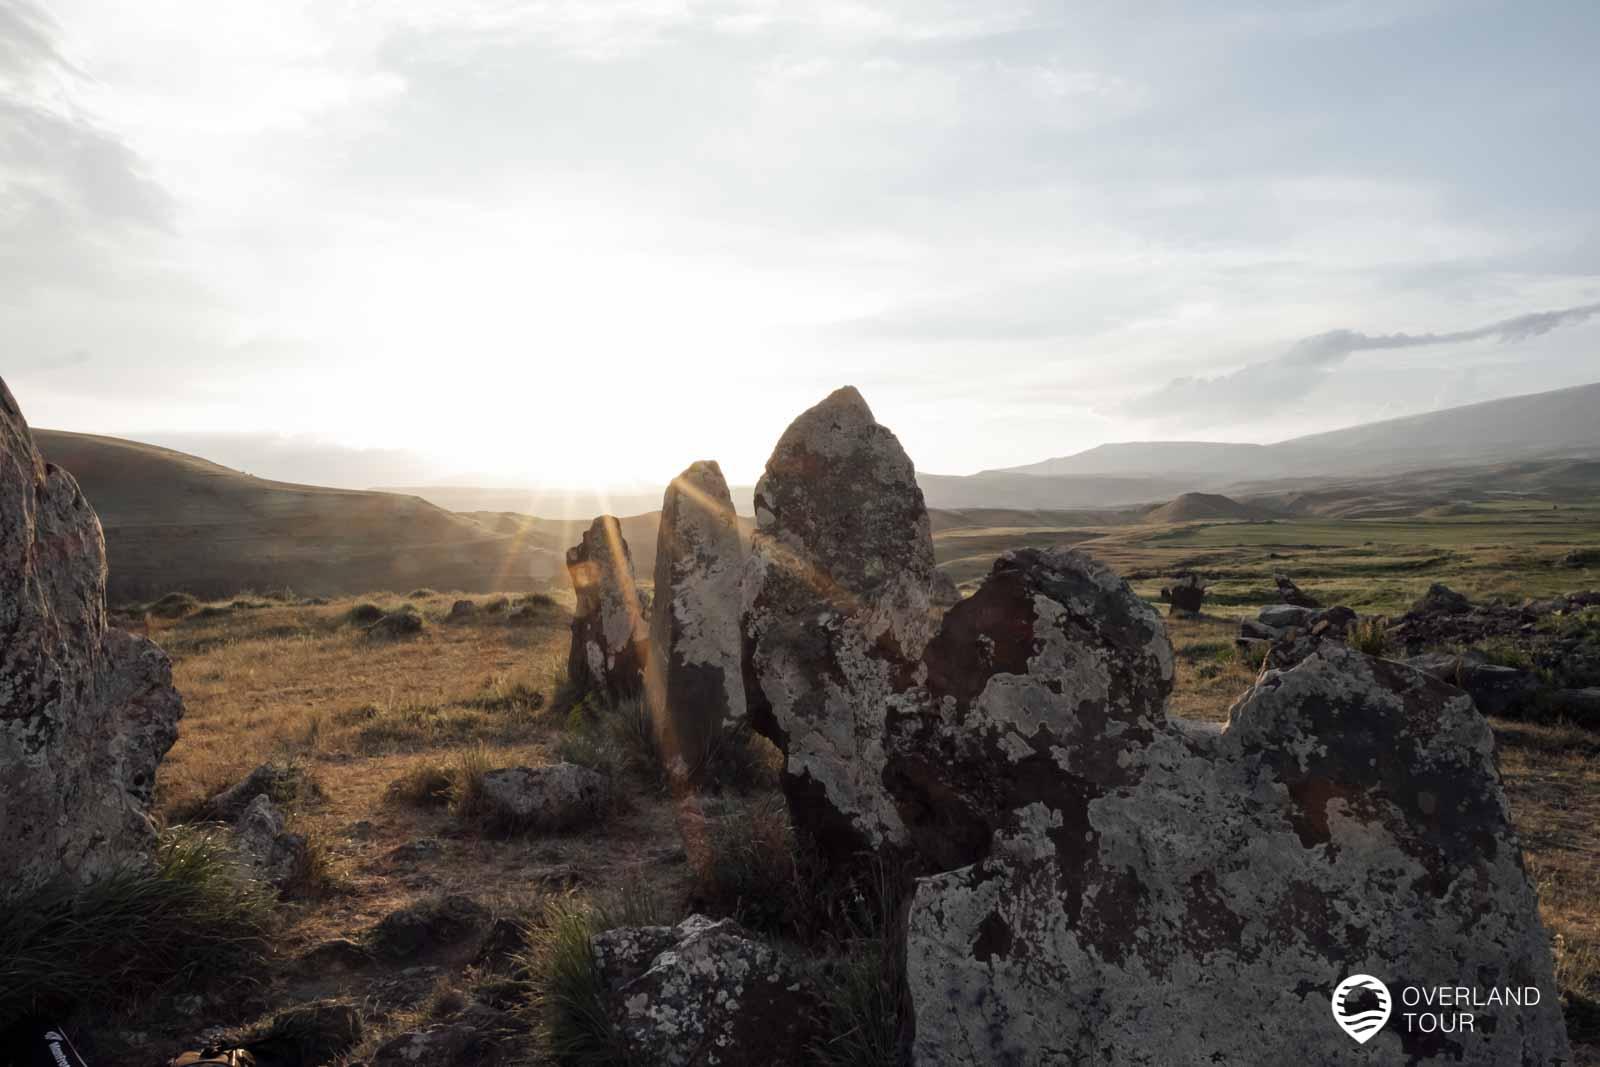 Beim Gräberfeld Zorakarer könnte es sich aber auch um ein prähistorisches Sonnen-, Mond- und Stern-Observatorium handeln